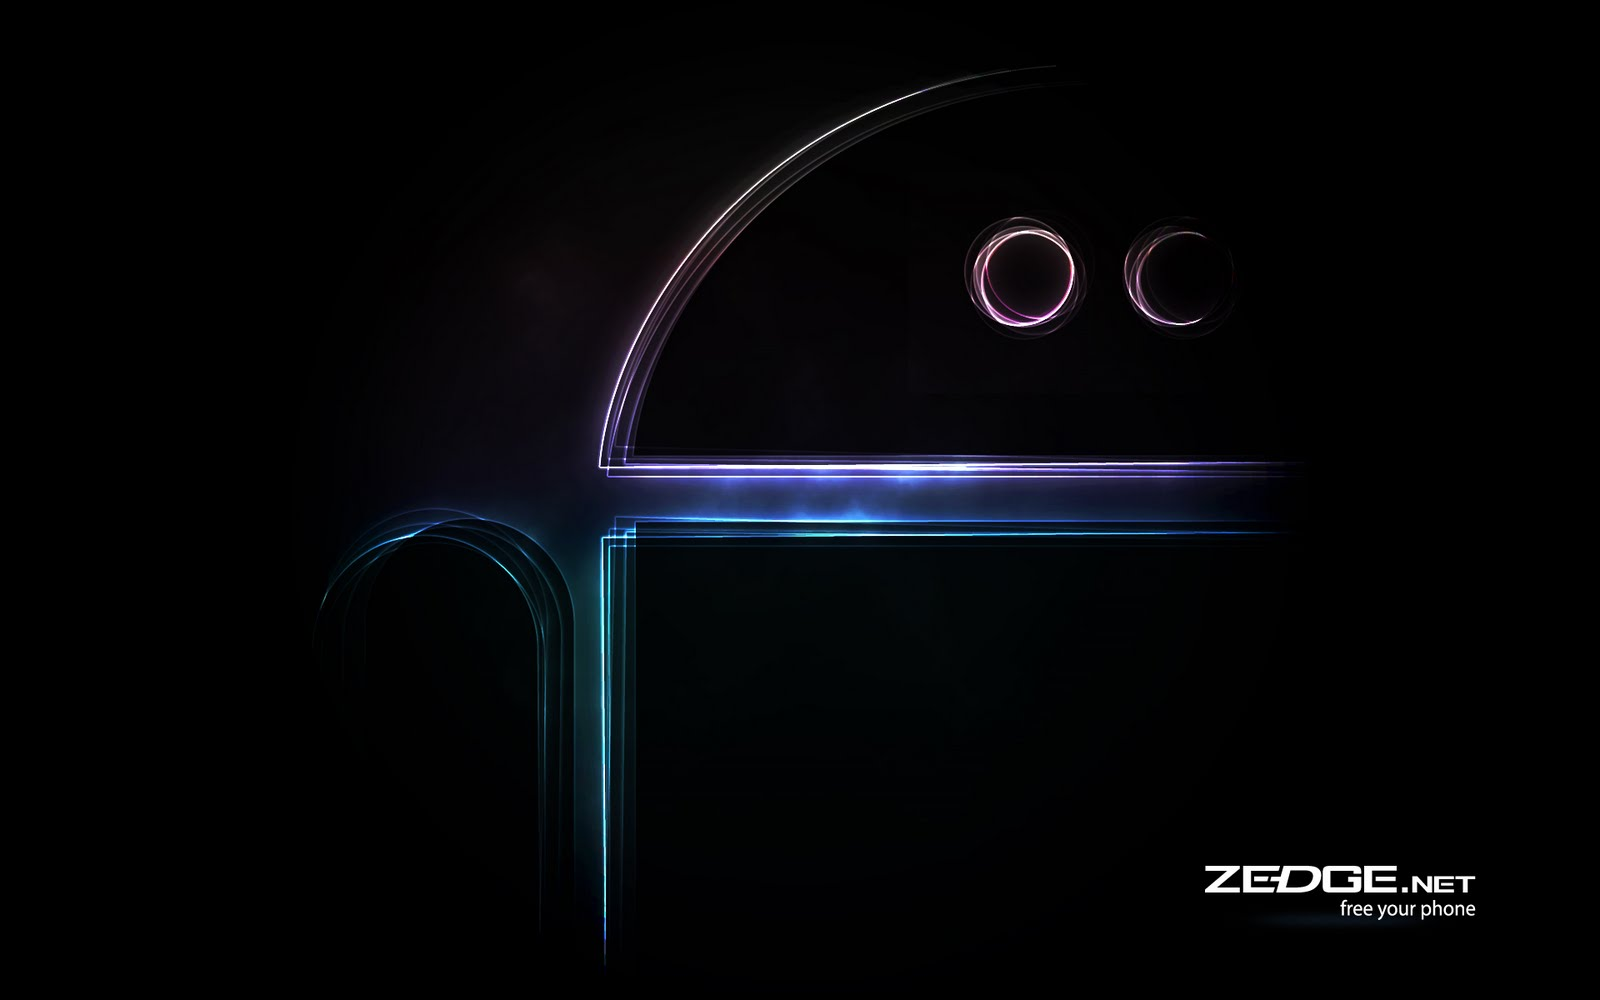 Zedge Wallpapers Desktop 1600x1000